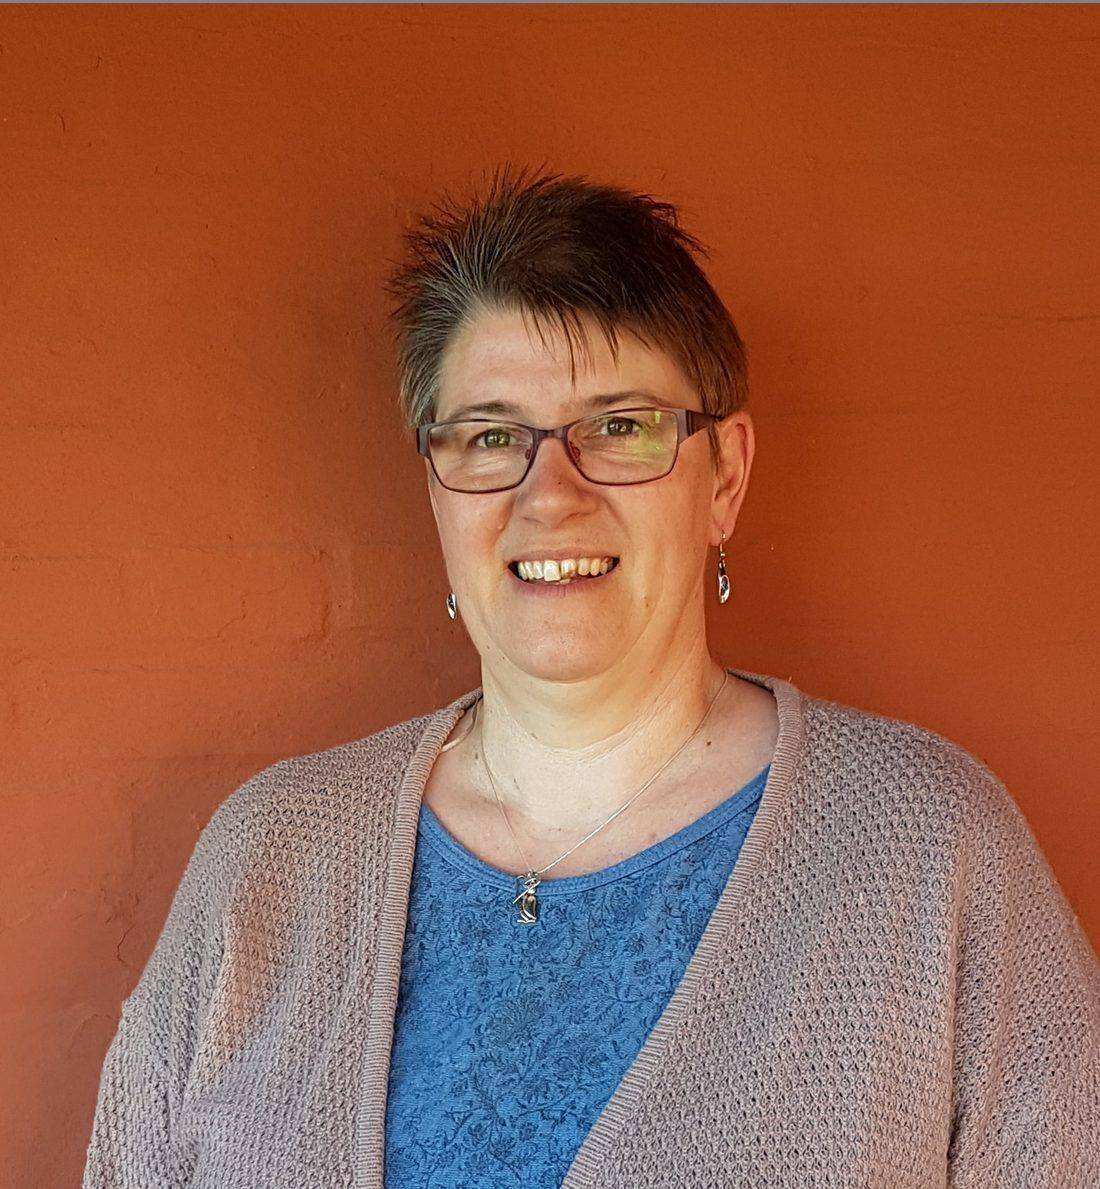 Jeanette Ingwersen